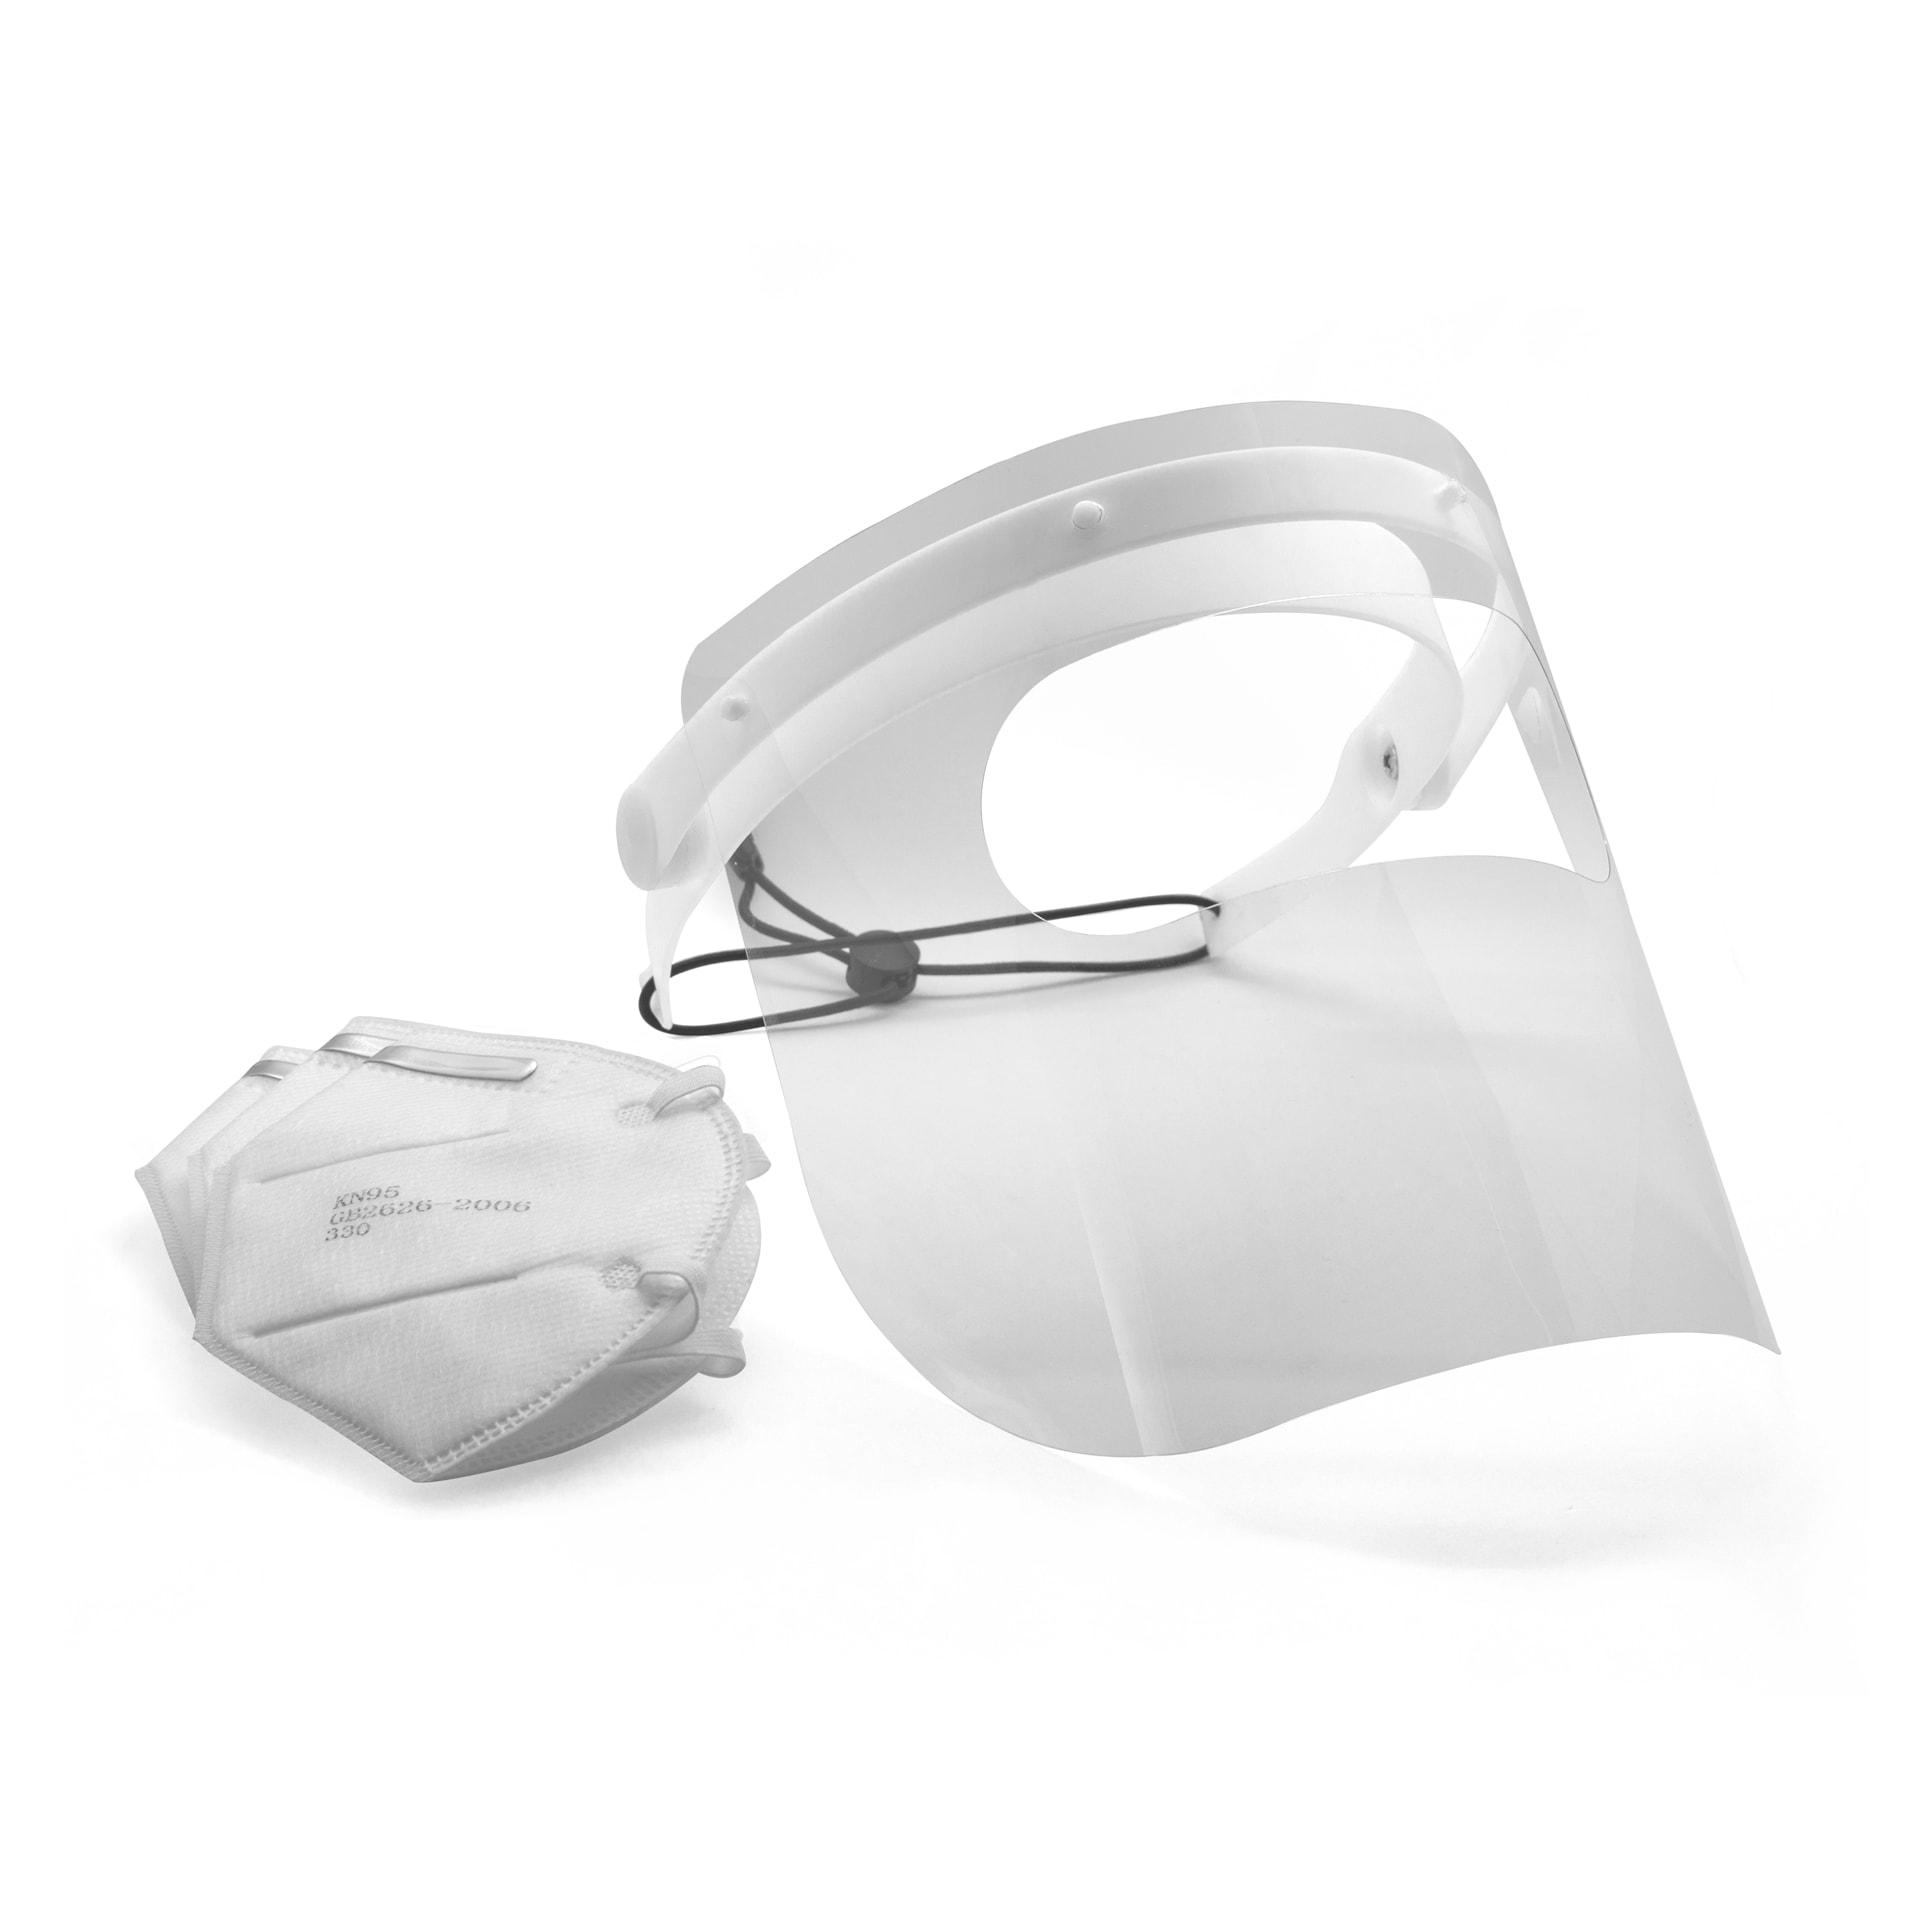 Bundle Gesichtsschutz F mit 50 Stück Atemschutzmasken KN95